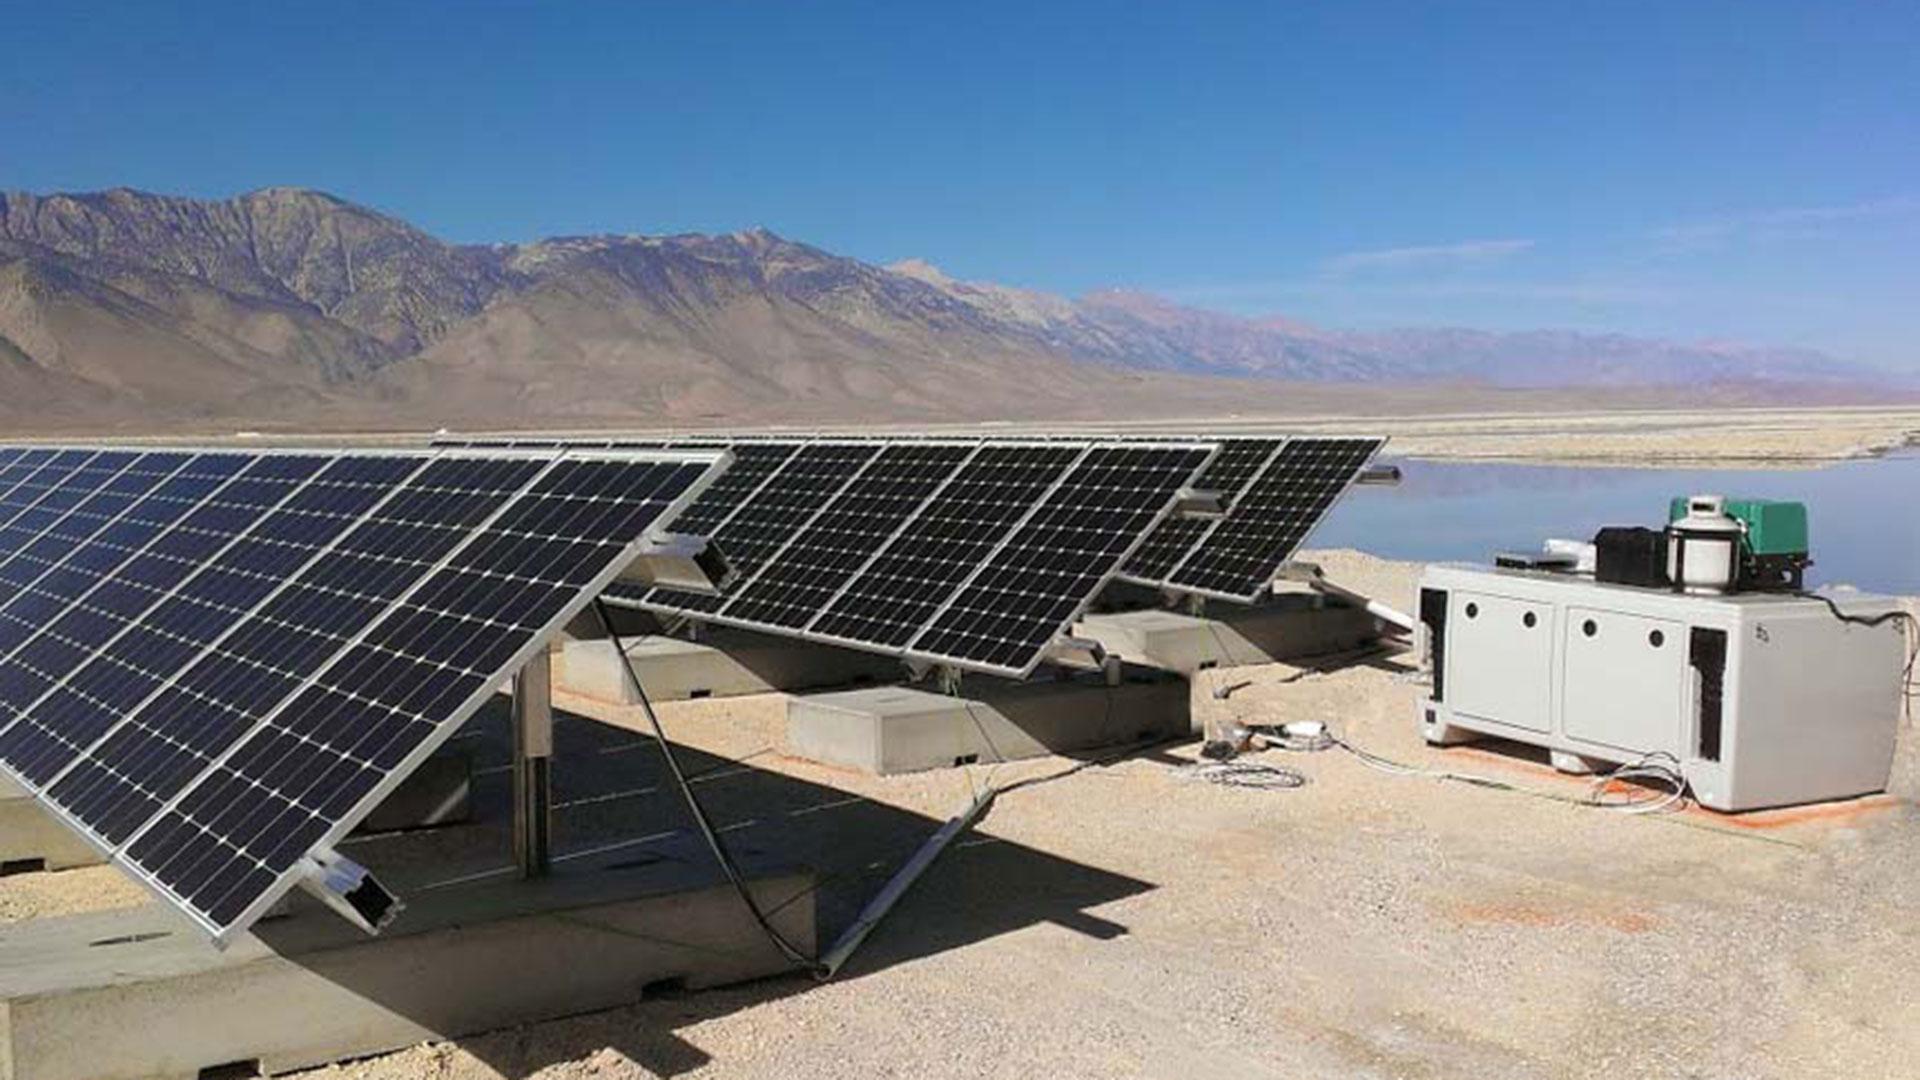 off grid solar array Off-grid solar system